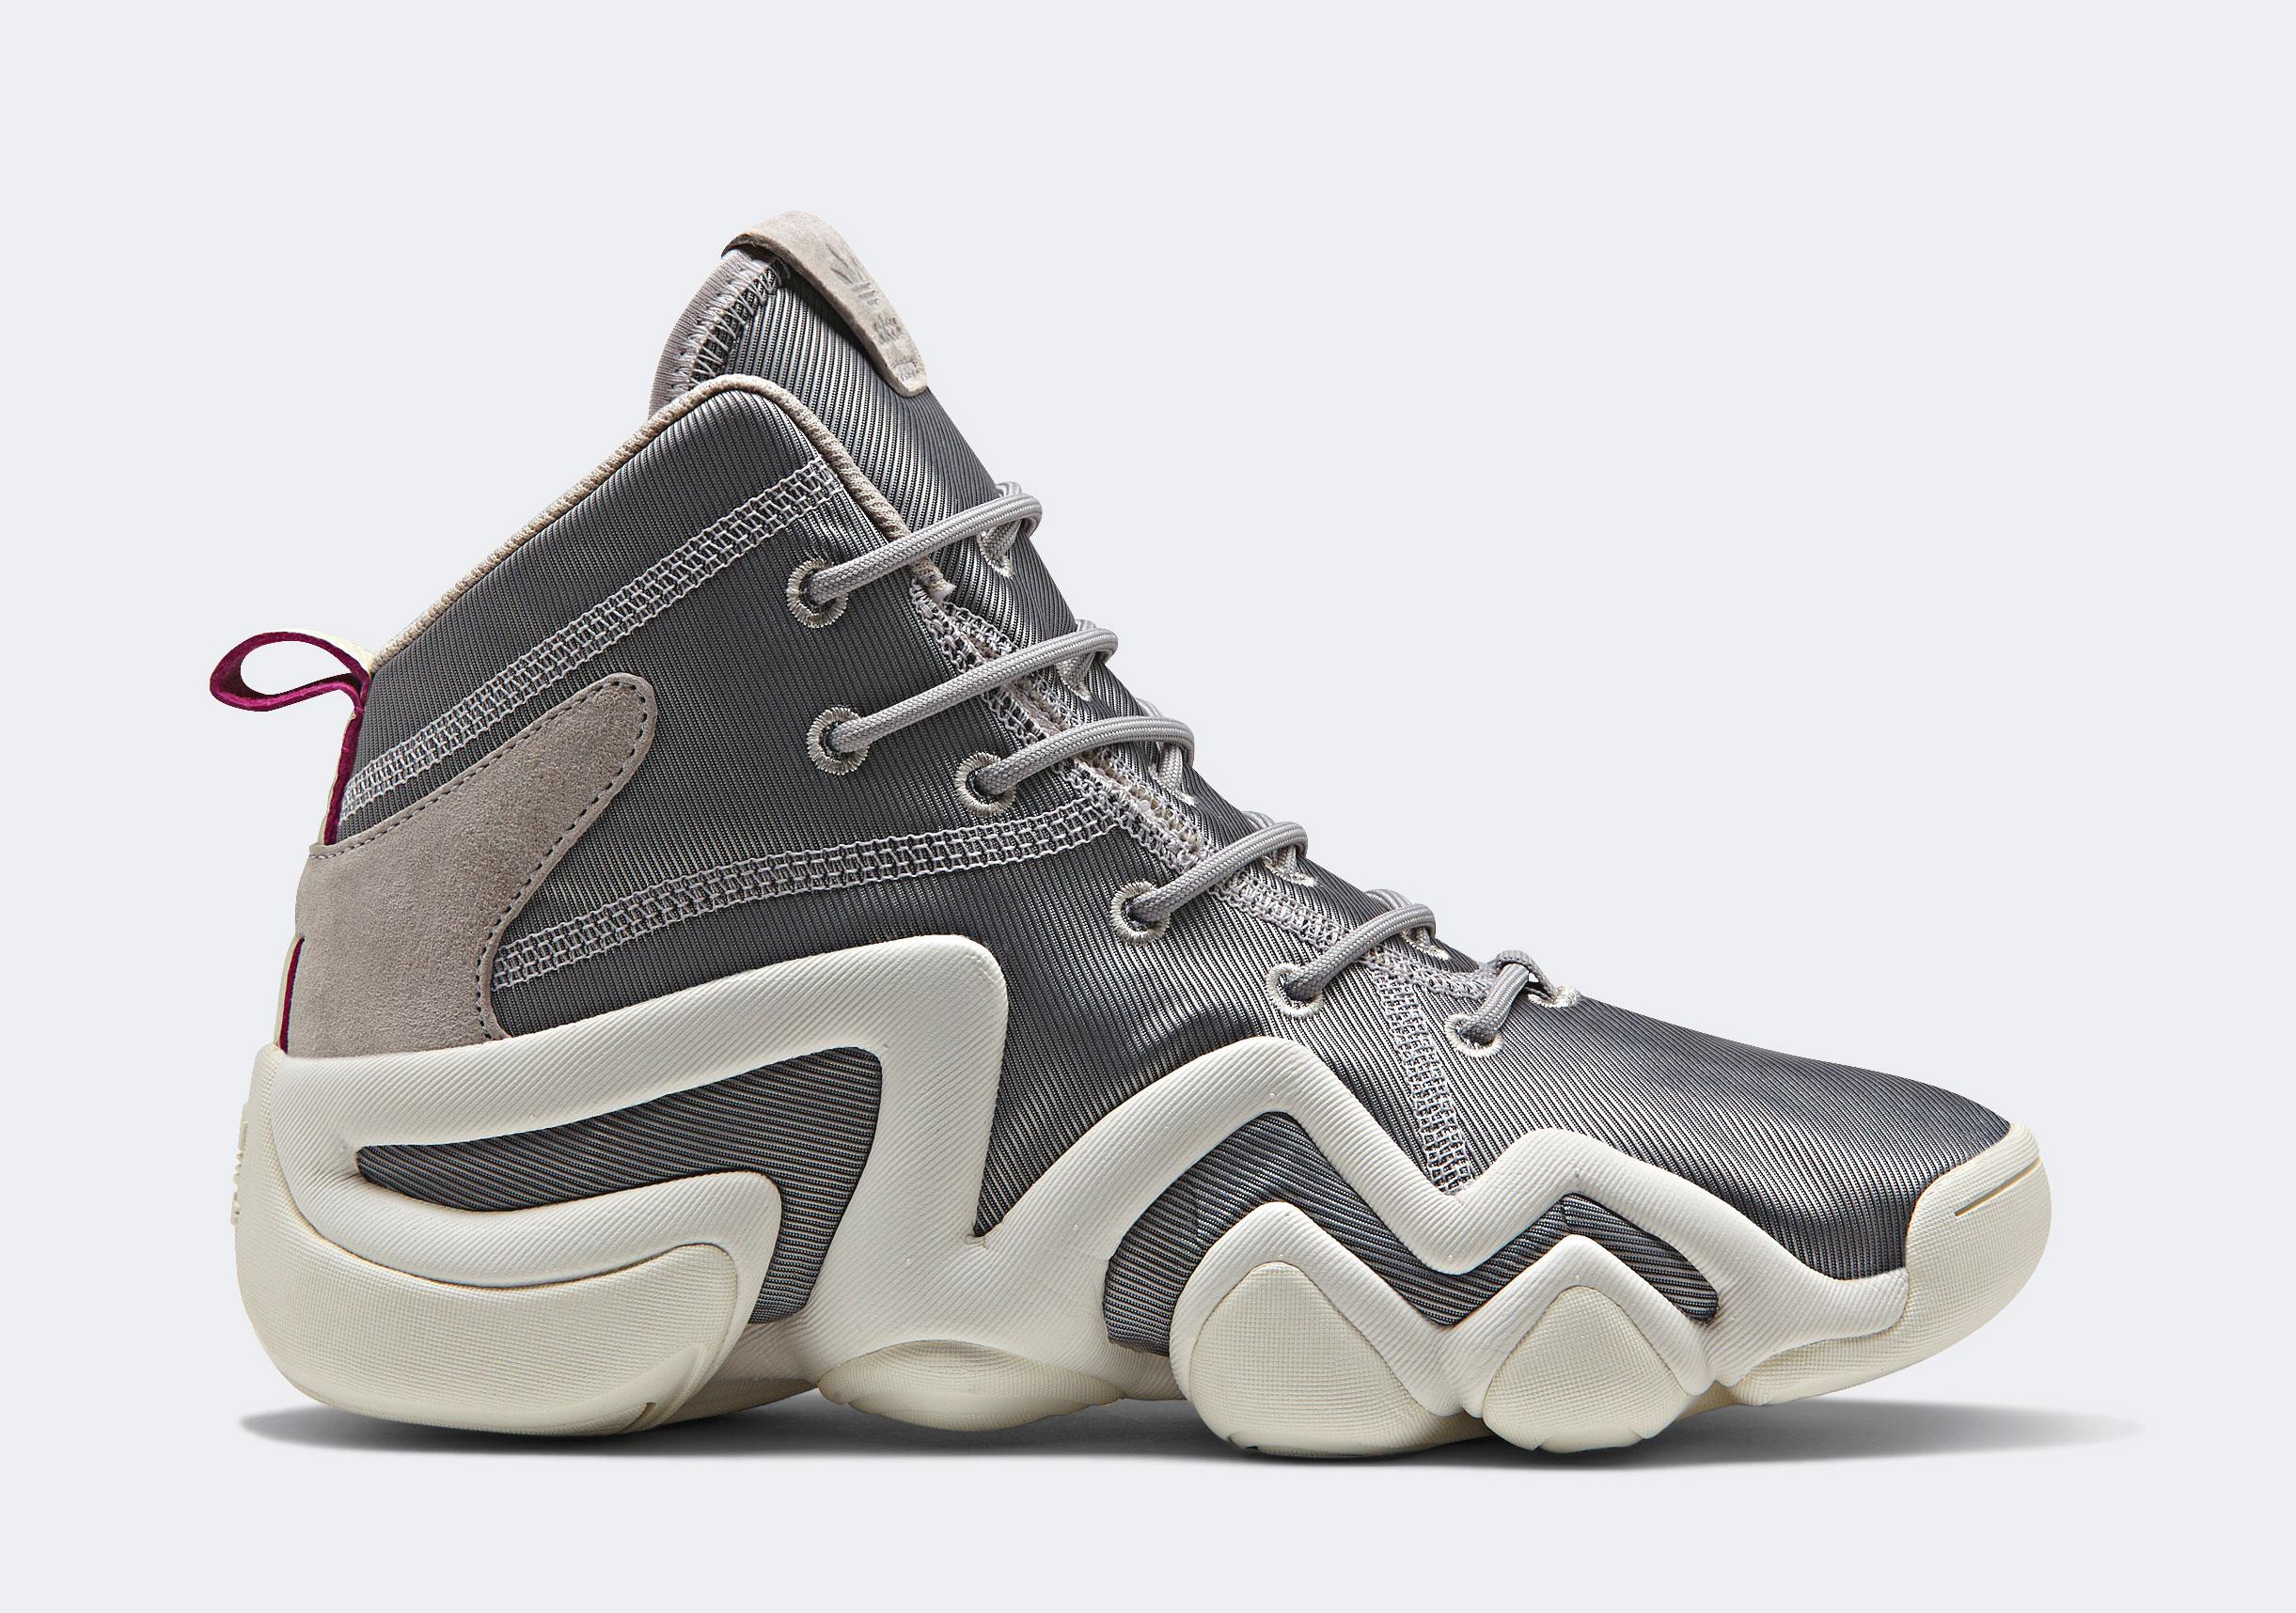 adidas Originals CRAZY 1 ADV SOCK PK Adidas crazy 1 sneakers men CQ0985 white originals [312 Shinnyu load] [183]